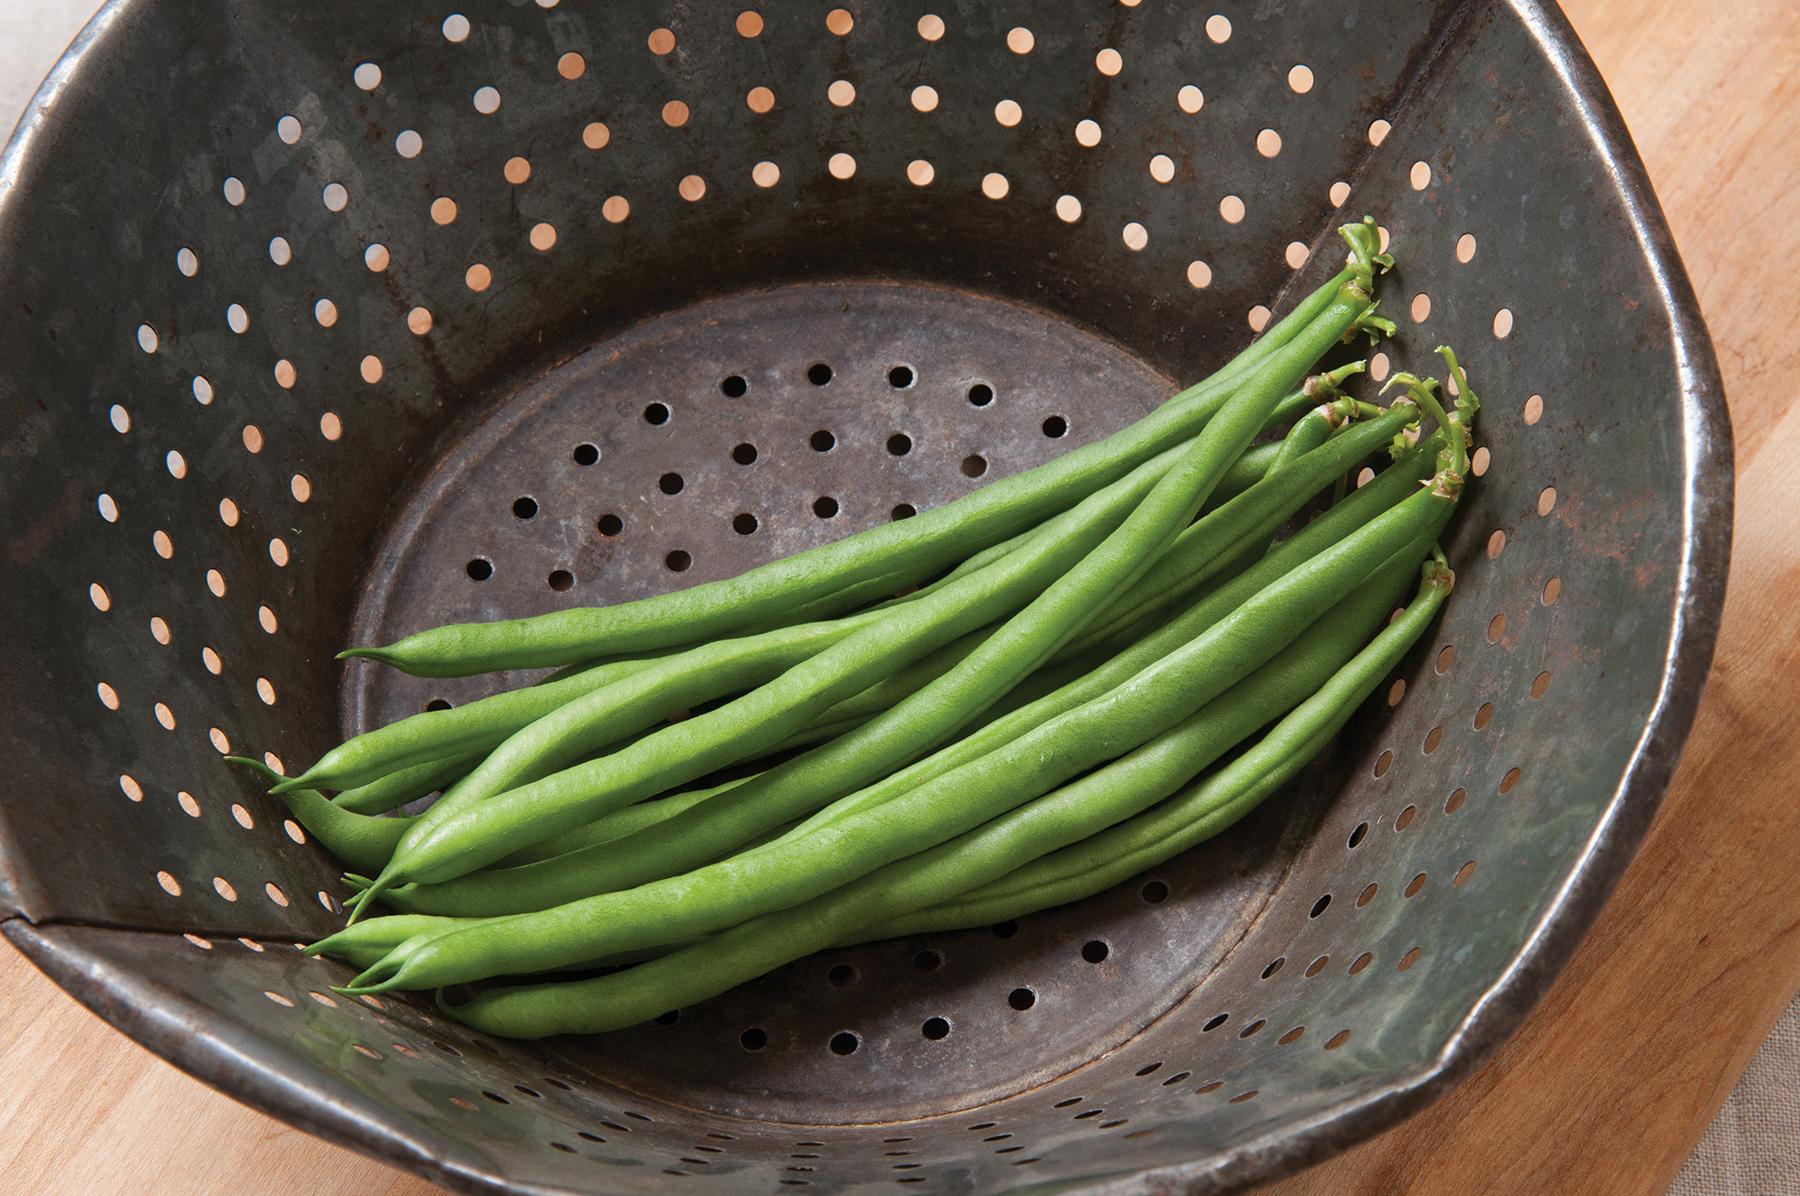 legumes a planter en mars amazing legumes a planter en mars with legumes a planter en mars. Black Bedroom Furniture Sets. Home Design Ideas